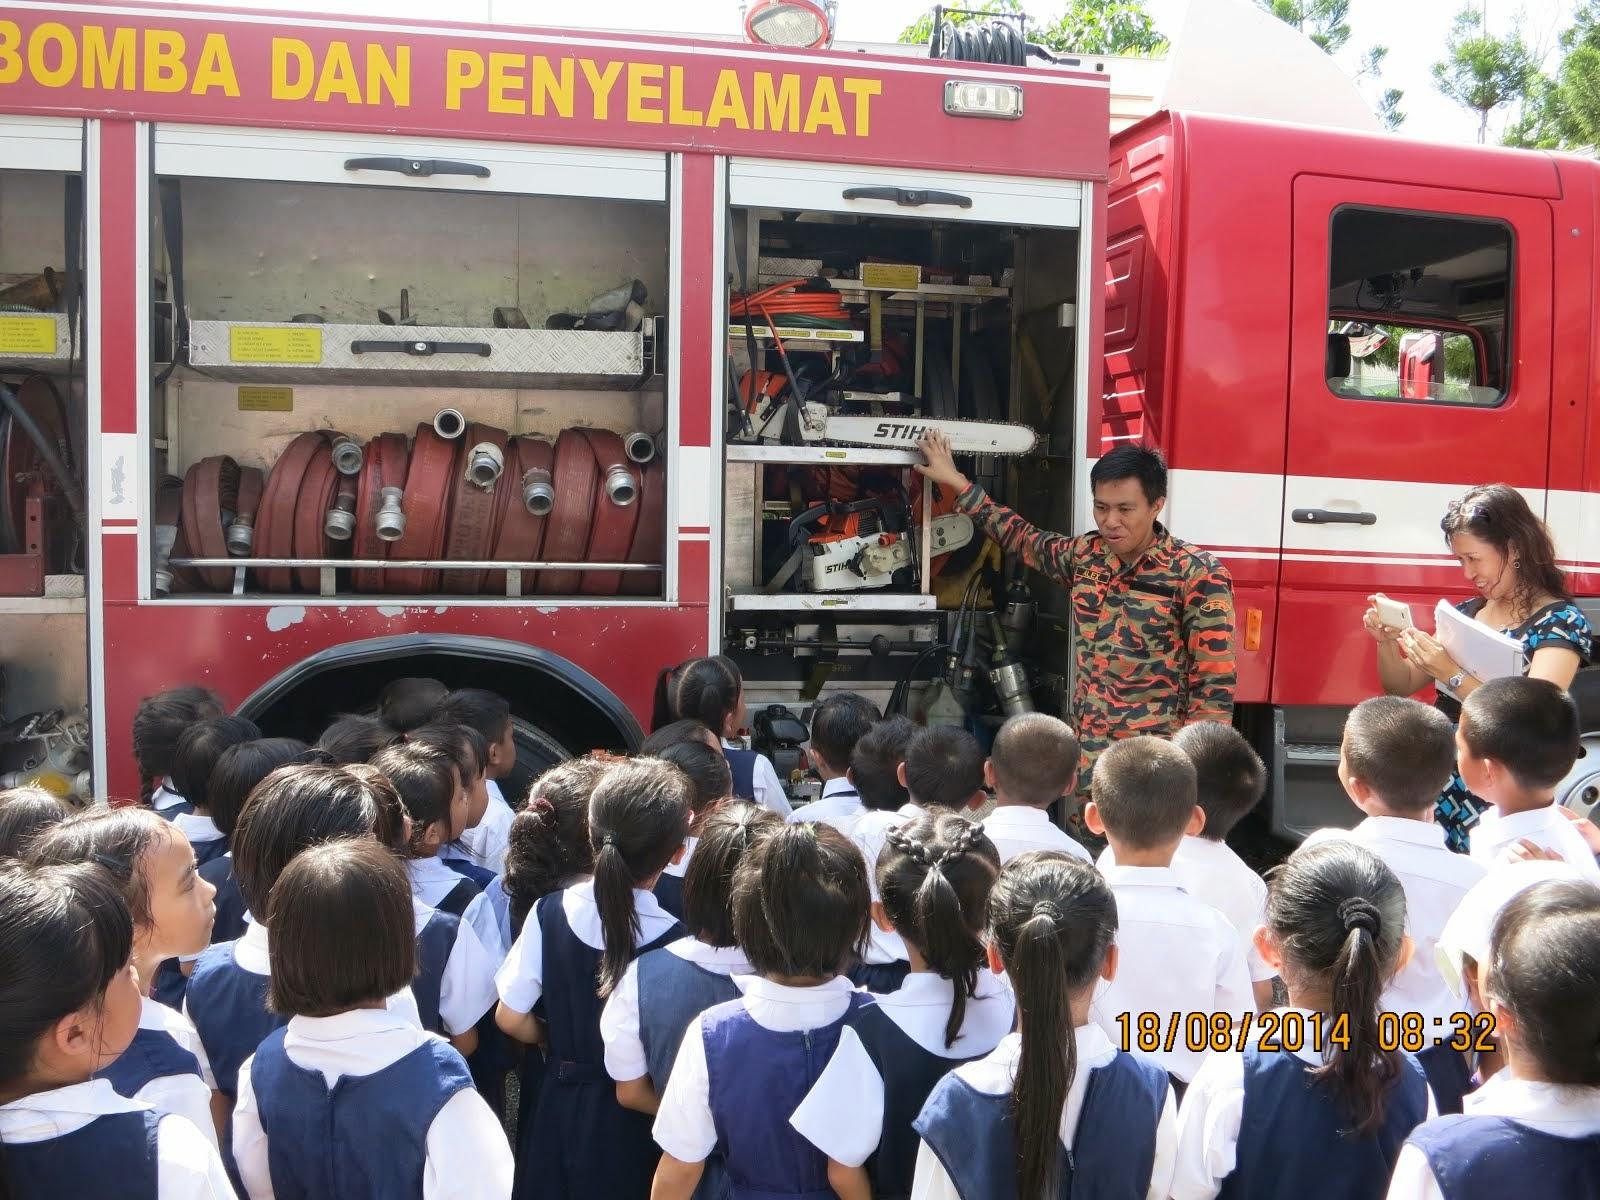 谢谢消防局当局愿意来到本校教导学生防火练习。